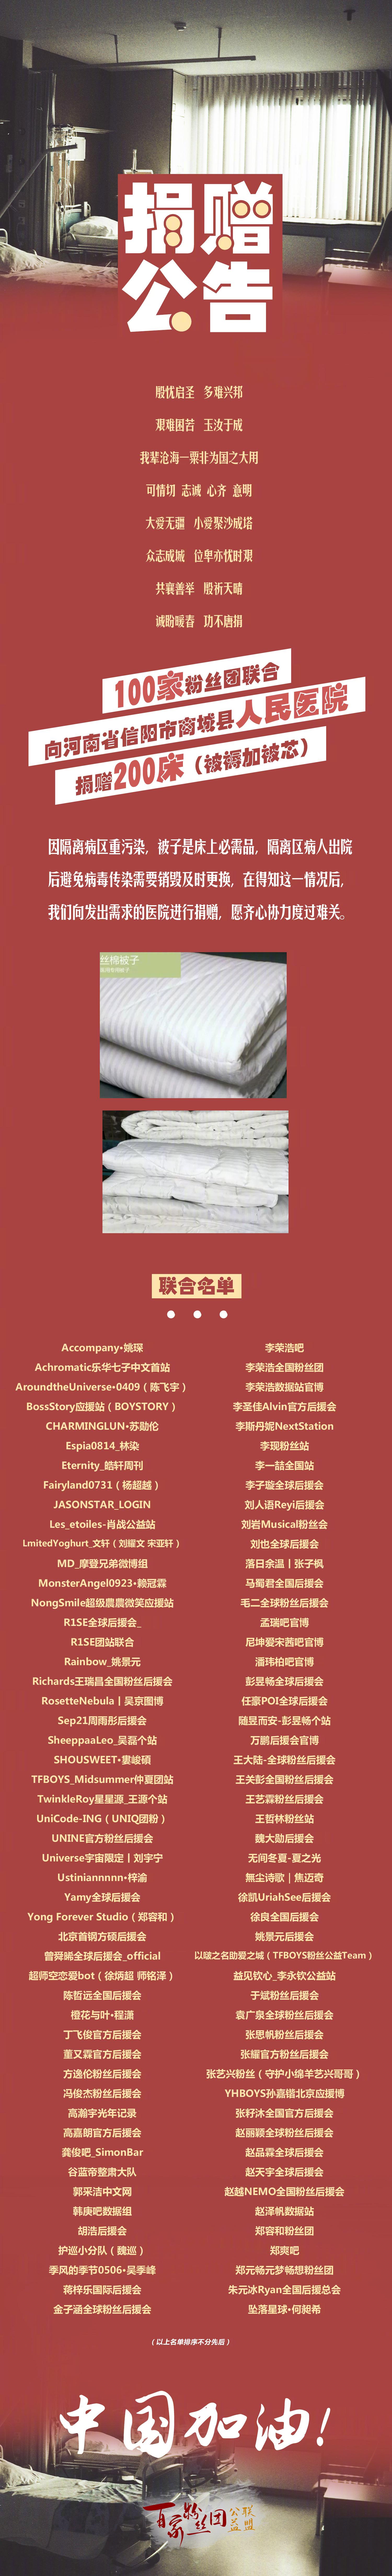 [新闻]200131 百家粉丝团联合捐赠被褥200床 赵丽颖后援会也在其列